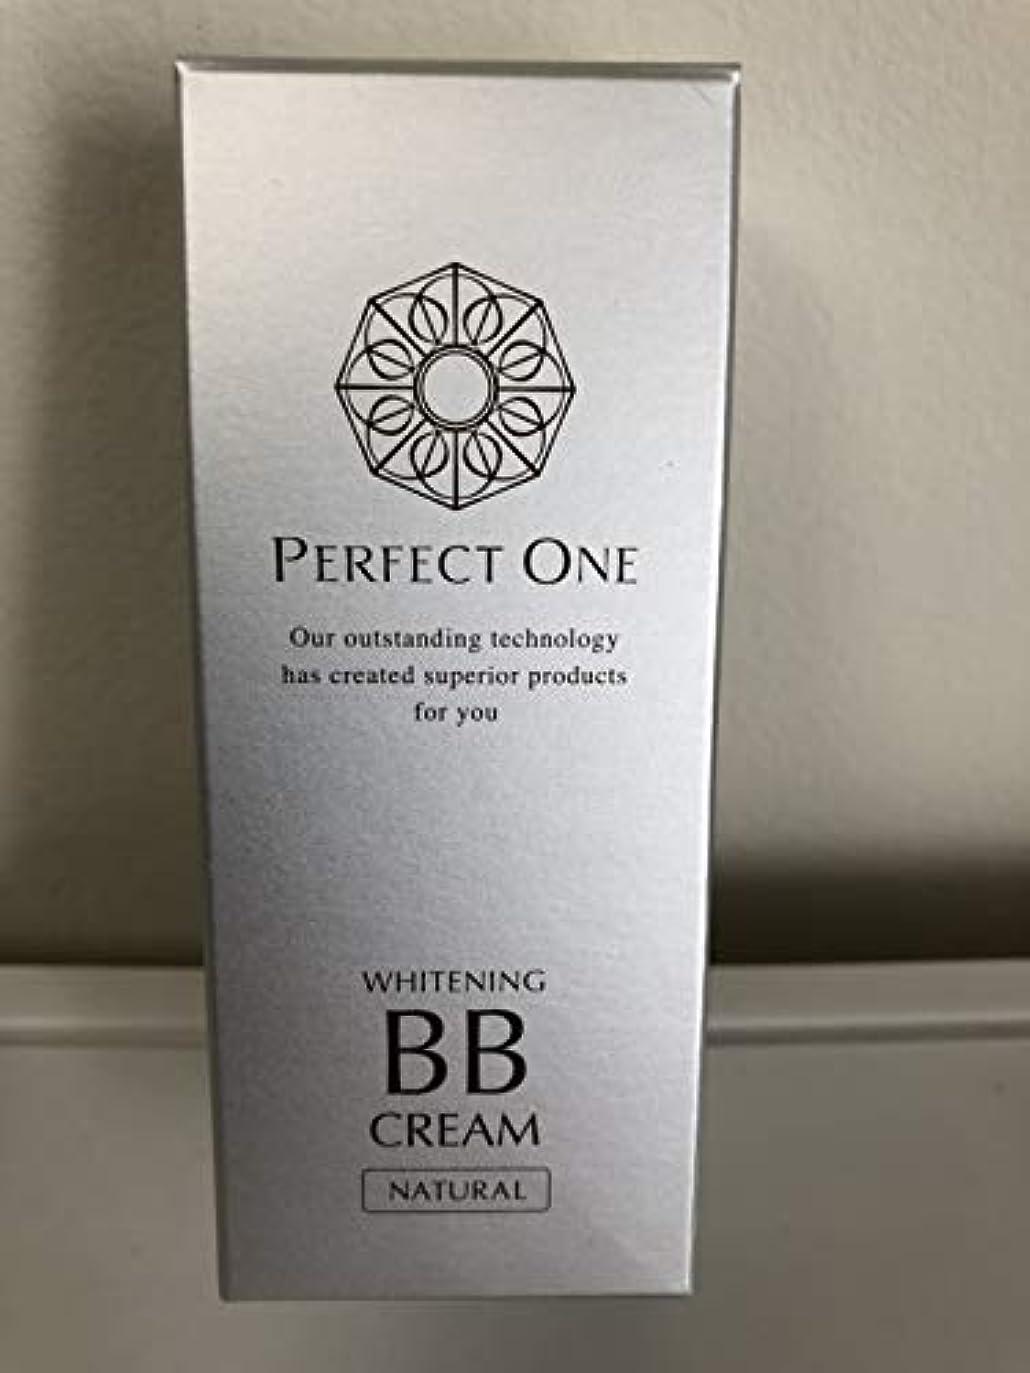 艶飛ぶ期待して新日本製薬 パーフェクトワン 薬用ホワイトニングBBクリーム ナチュラル 25g